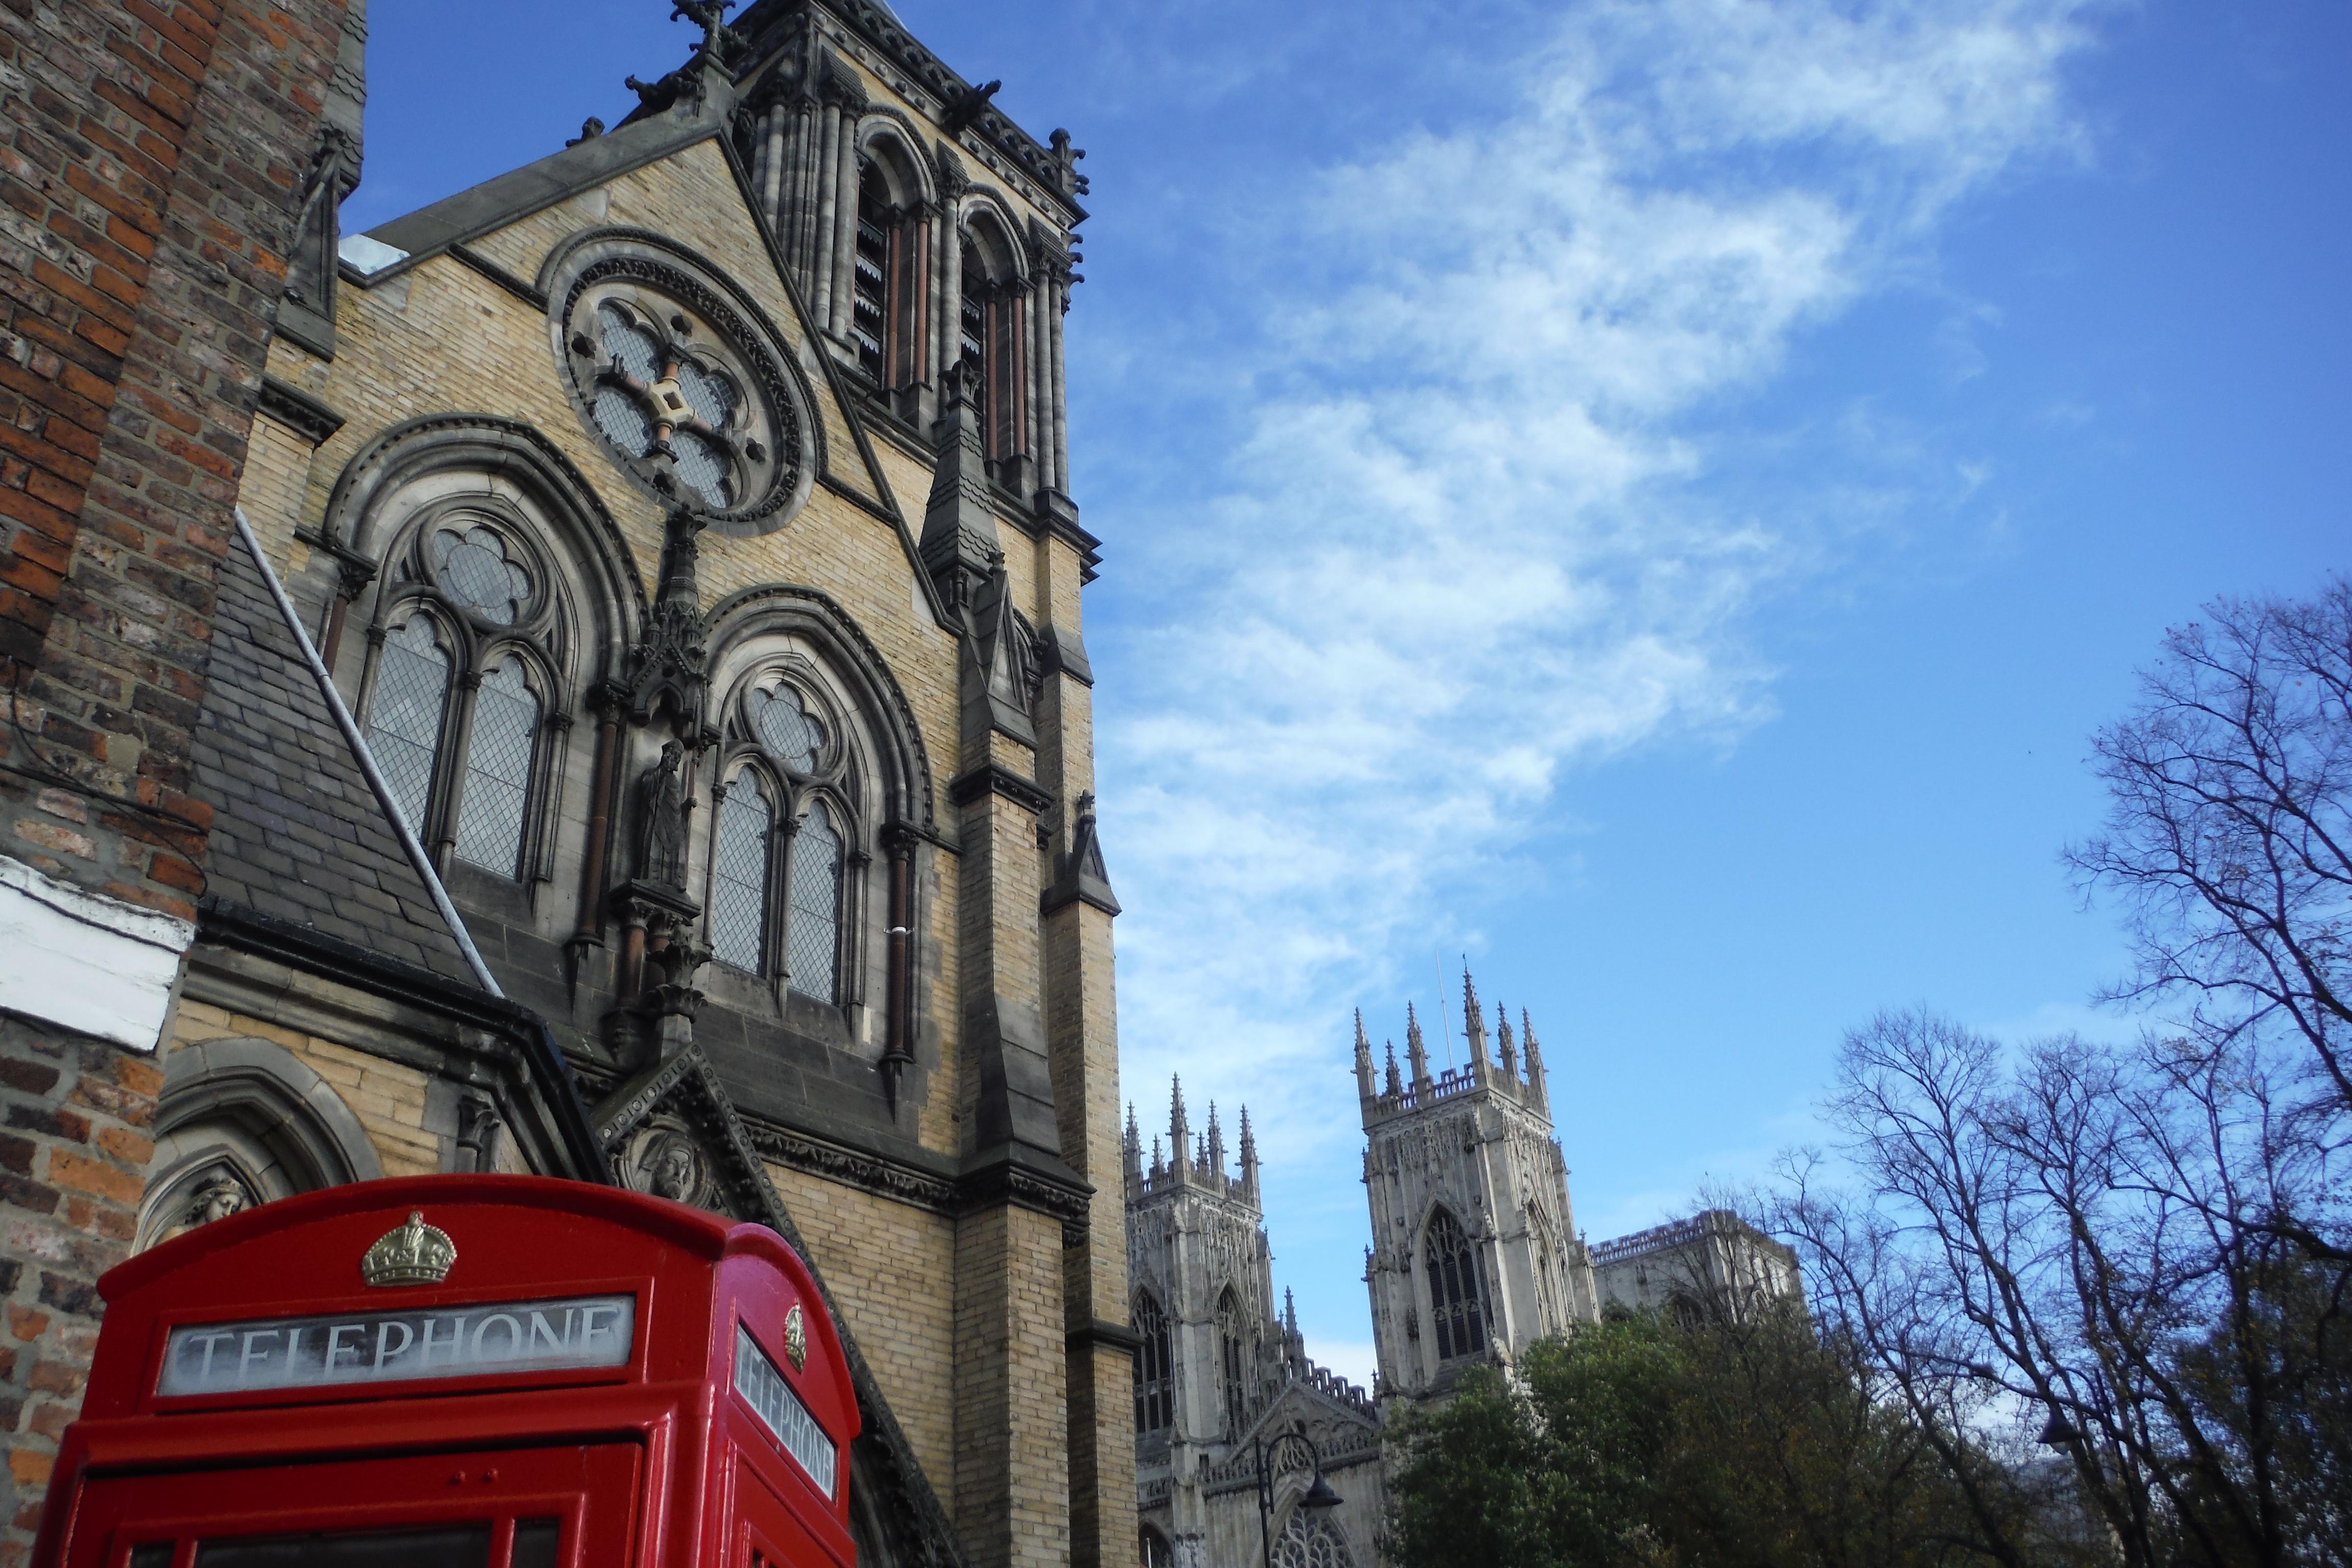 York Cathédrale et phone